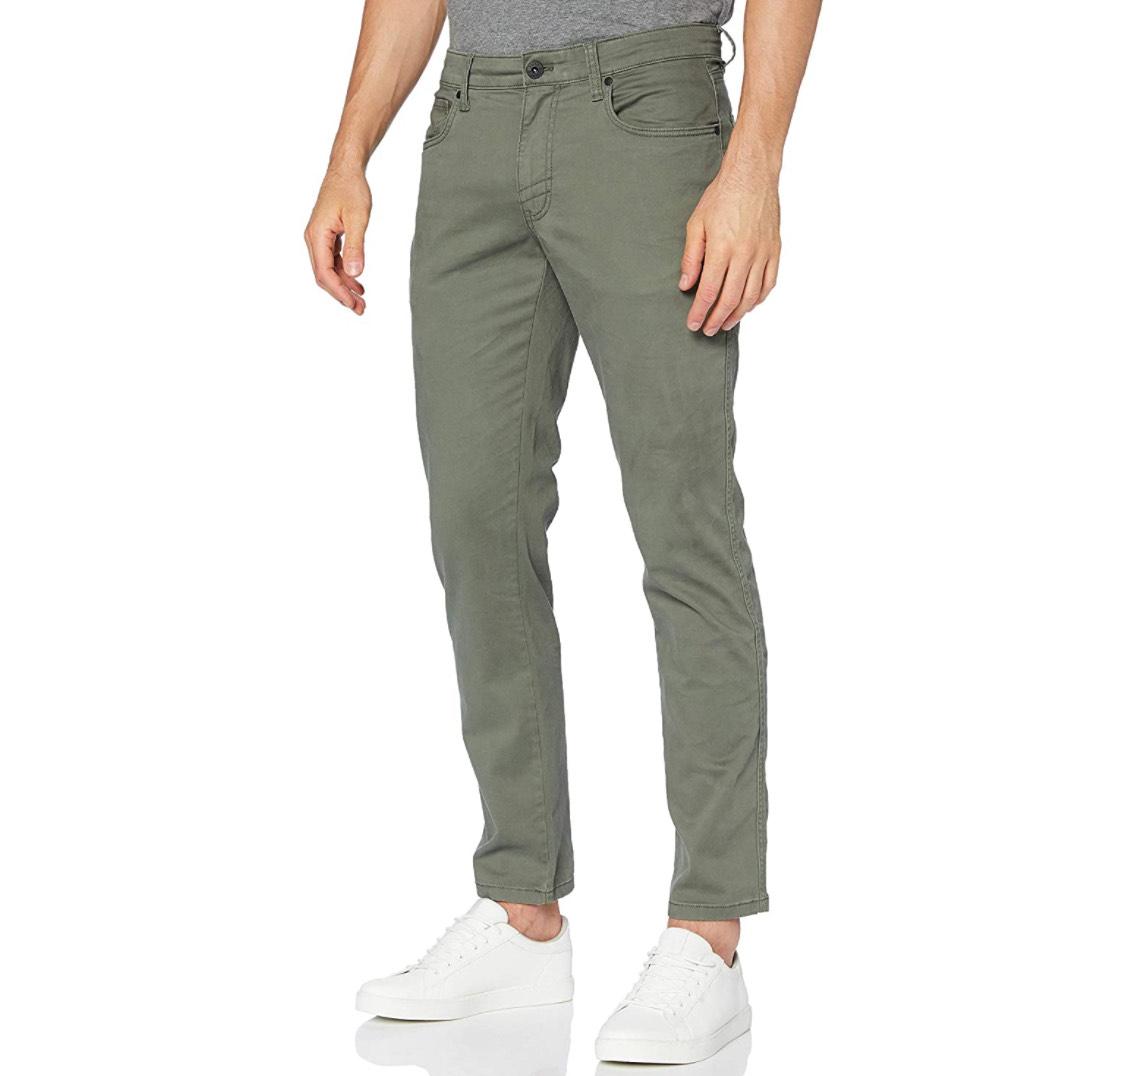 Pantalón hombre gris verdoso talla 44 (86cm. cintura/81cm. largo)